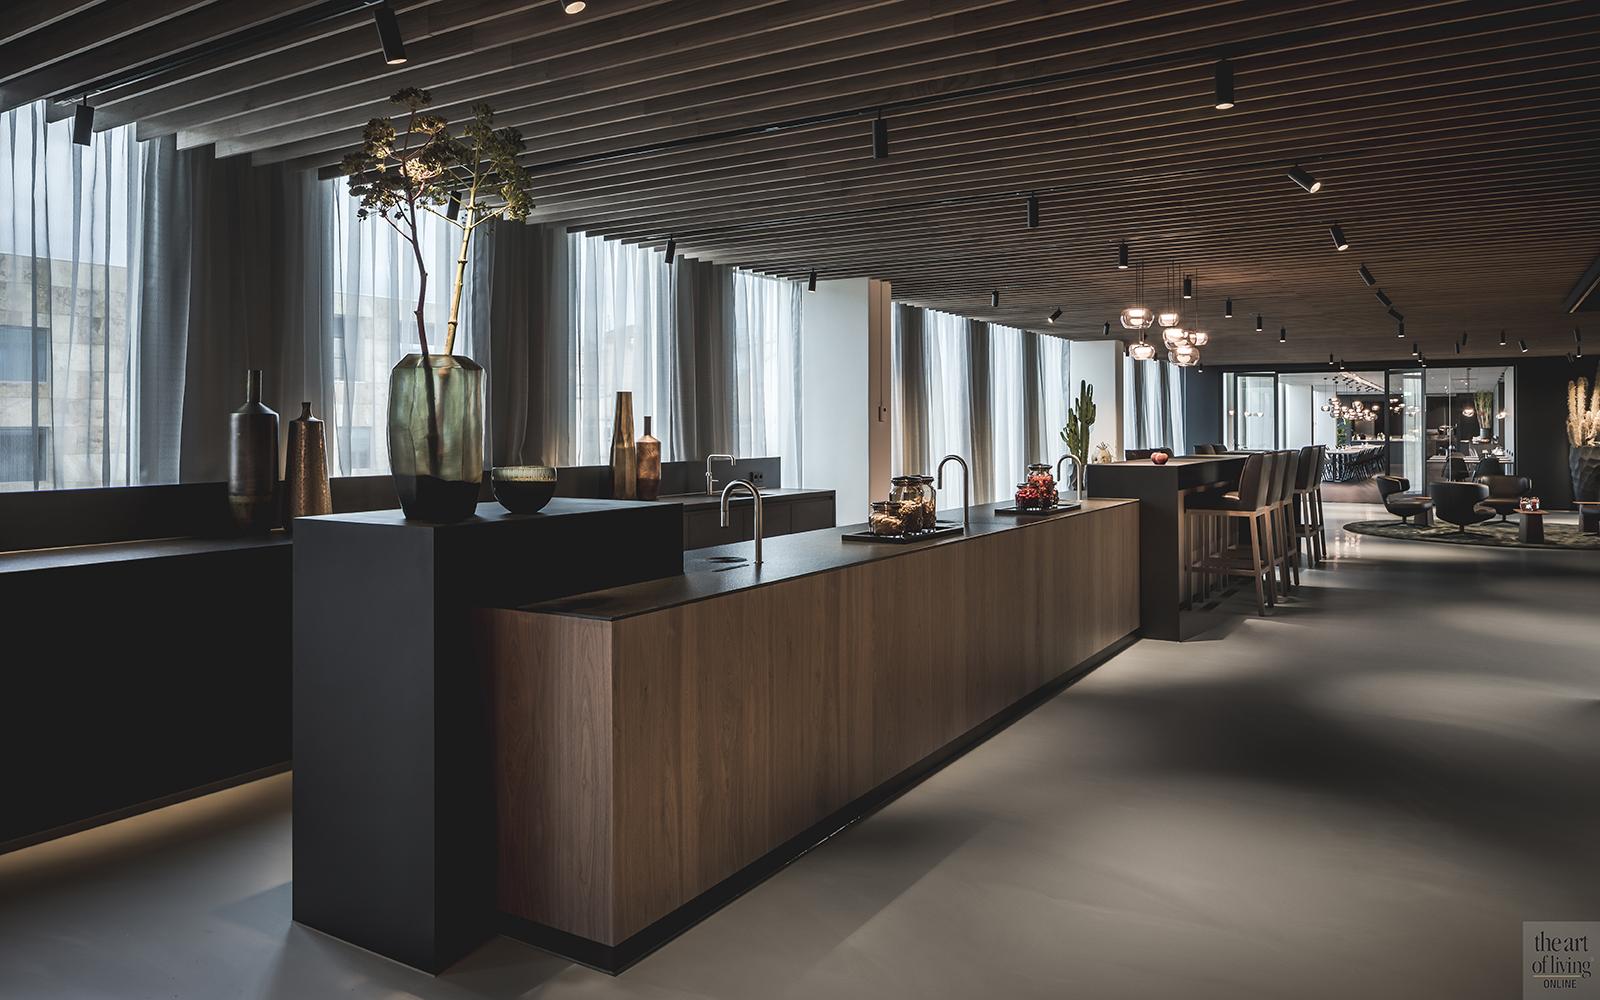 kantoor inspiratie kabaz architecten kantoor amsterdam amsterdam kantoor inrichting design